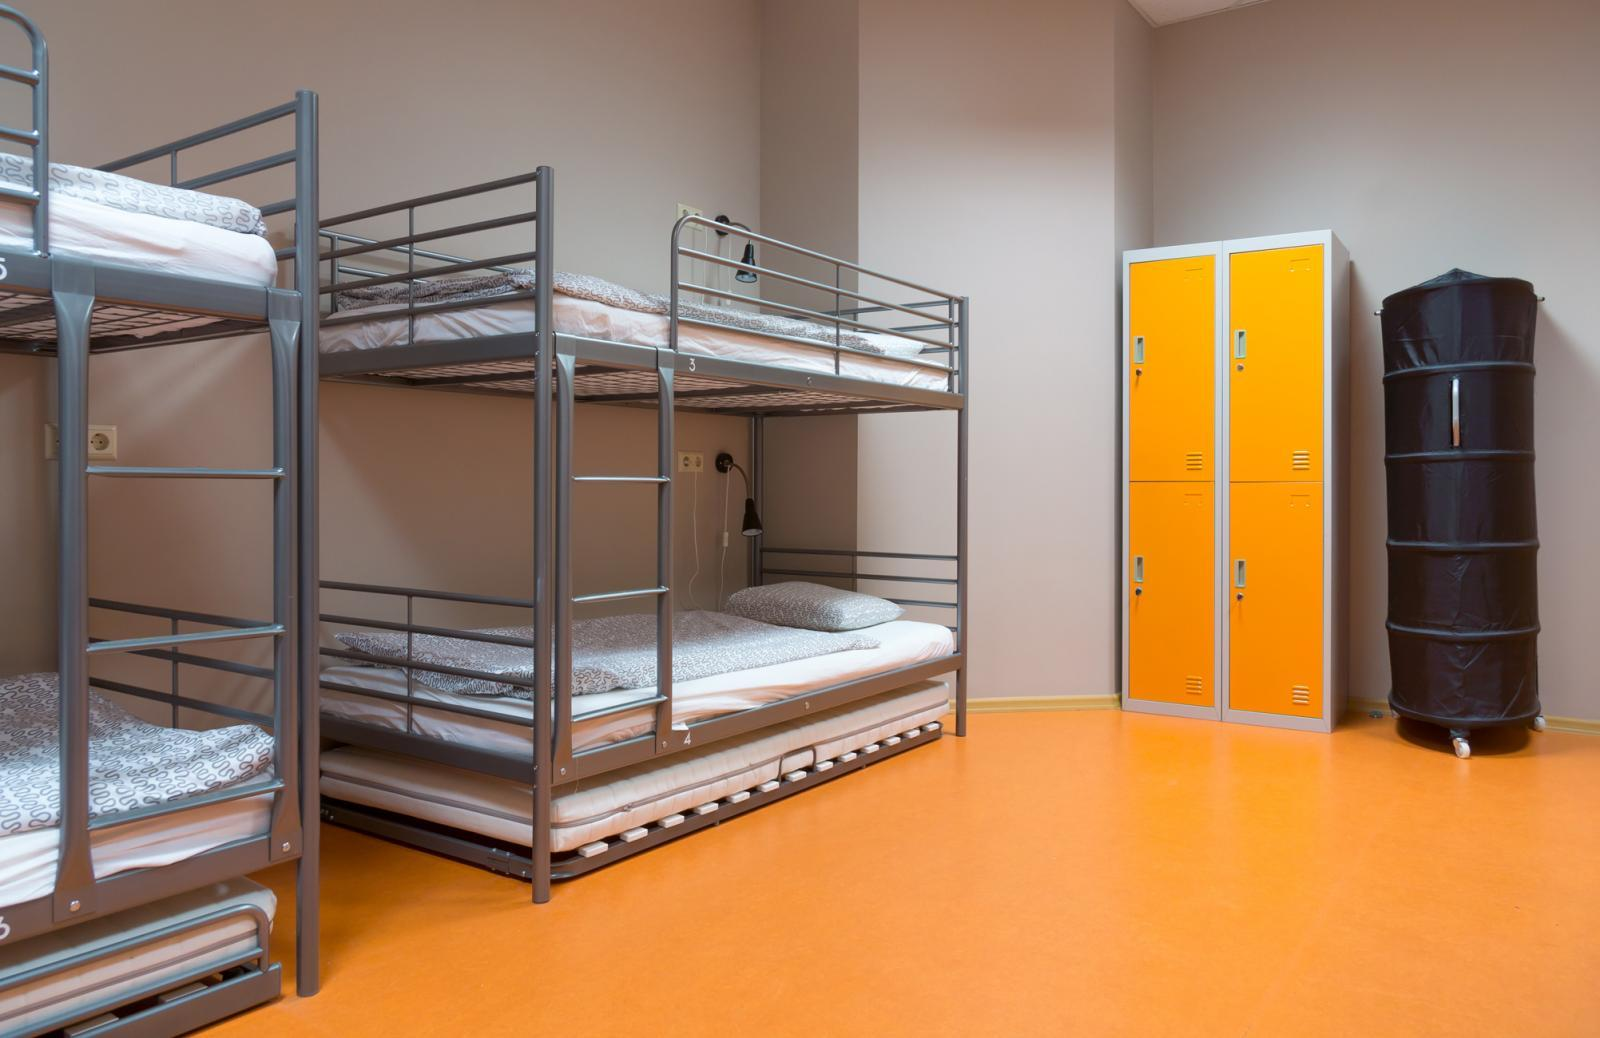 Cheap accommodation NYC